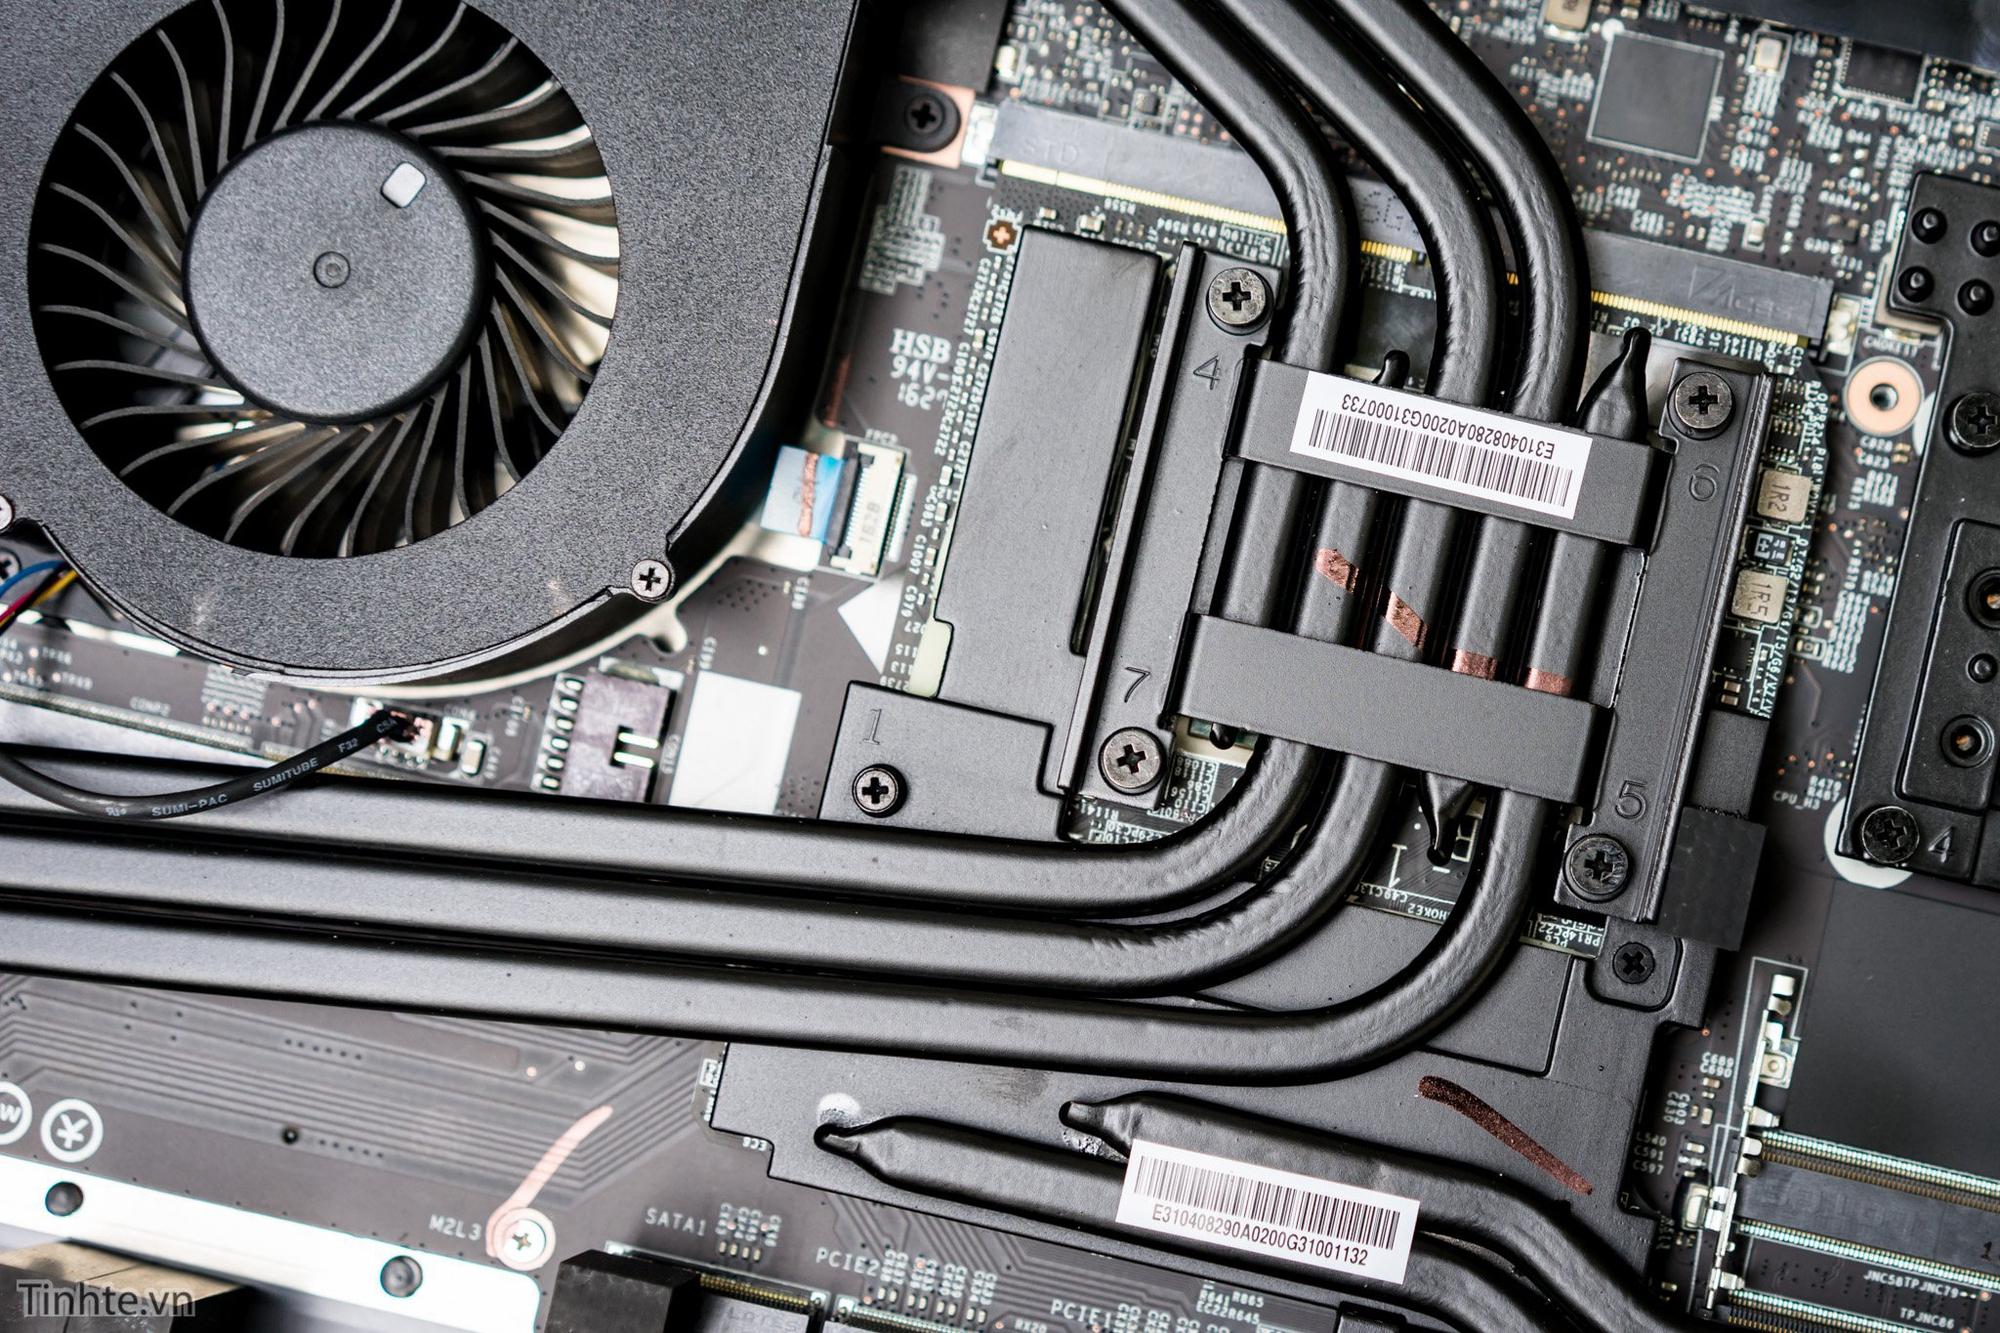 Hệ thống tản nhiệt cho GPU trên MSI GT73VR Titan.